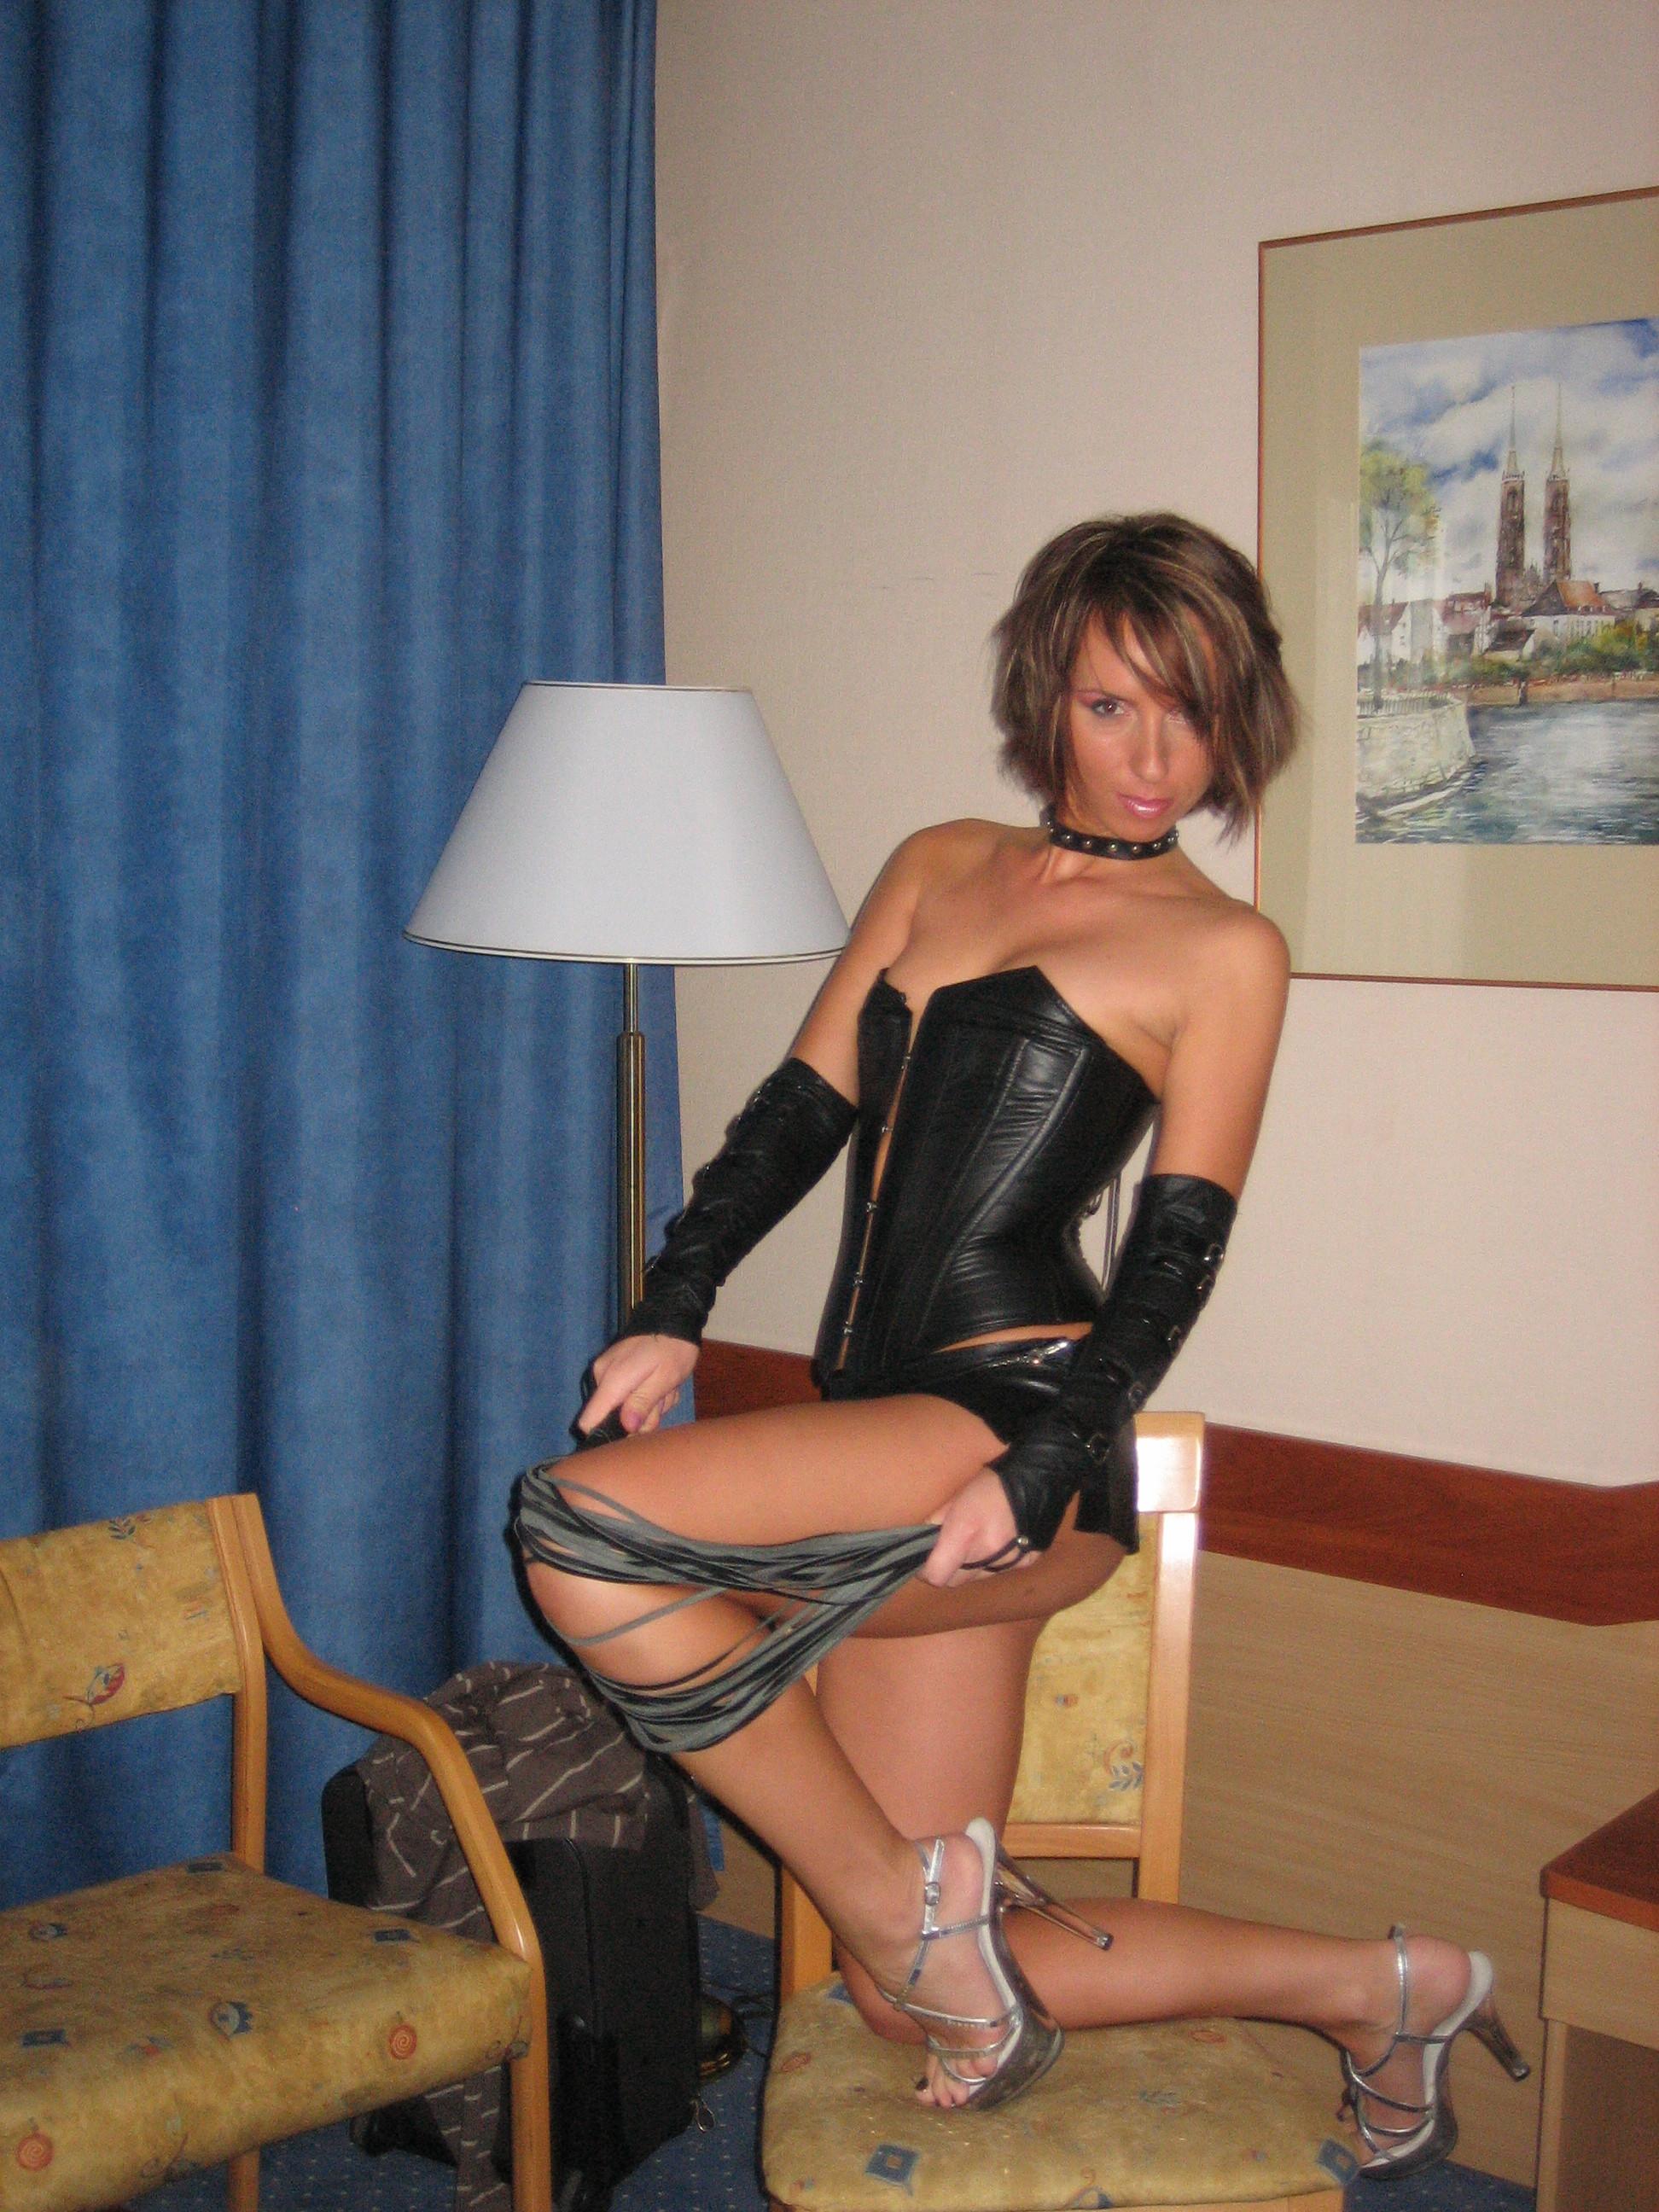 Соблазнительная телочка сидит на стуле и демонстрирует киску